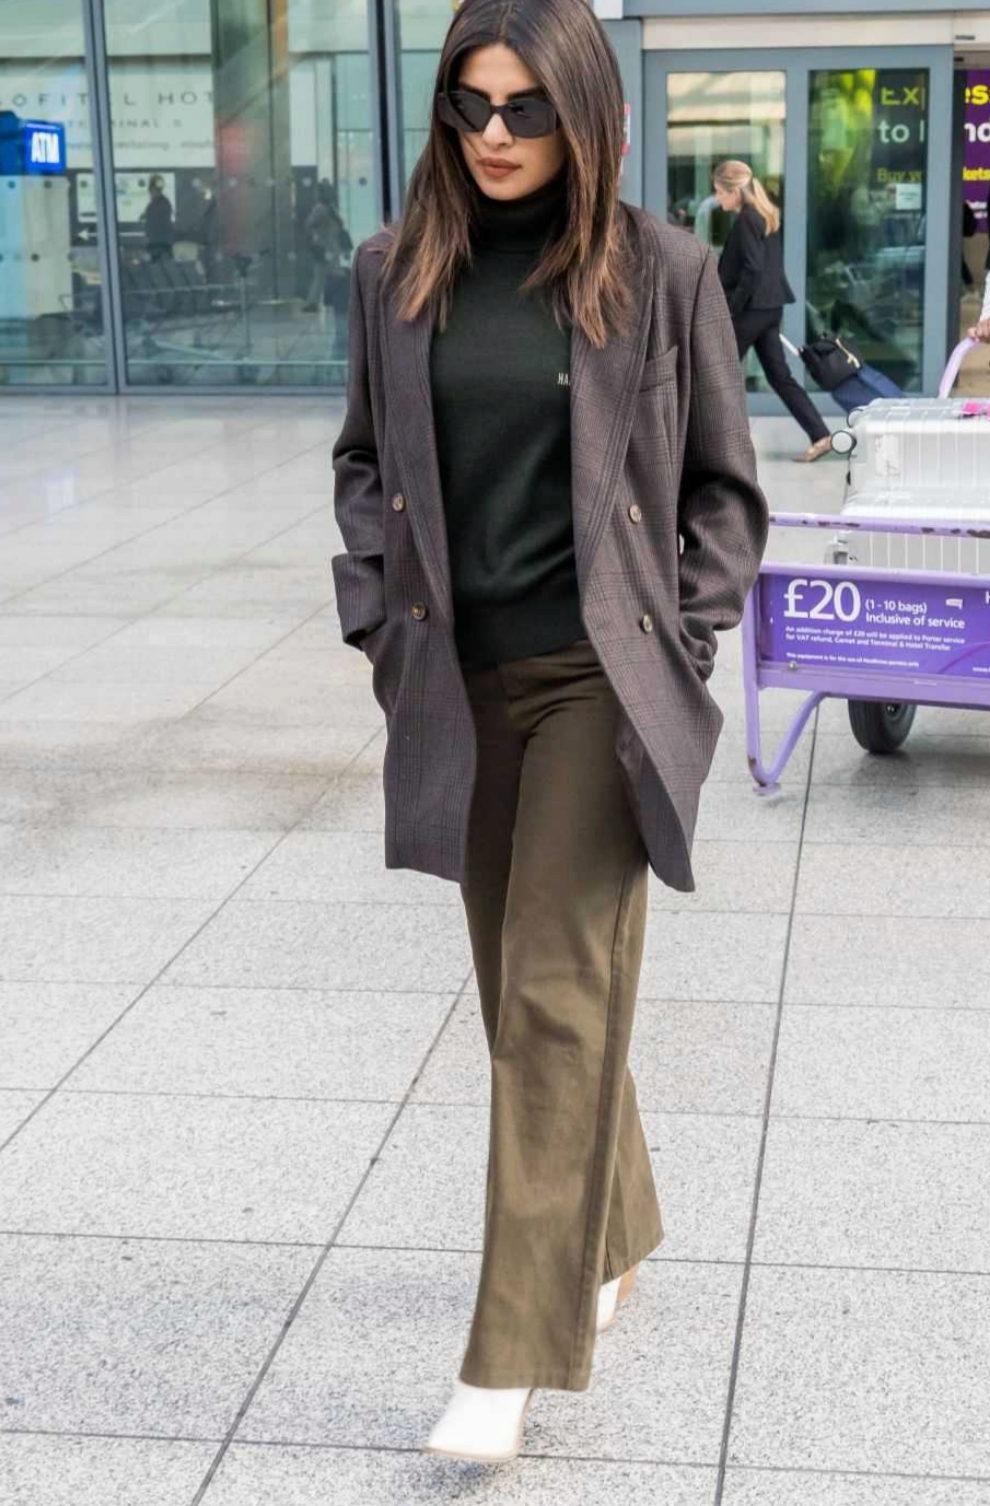 Priyanka Chopra a su salida del aeropuerto de Londres.